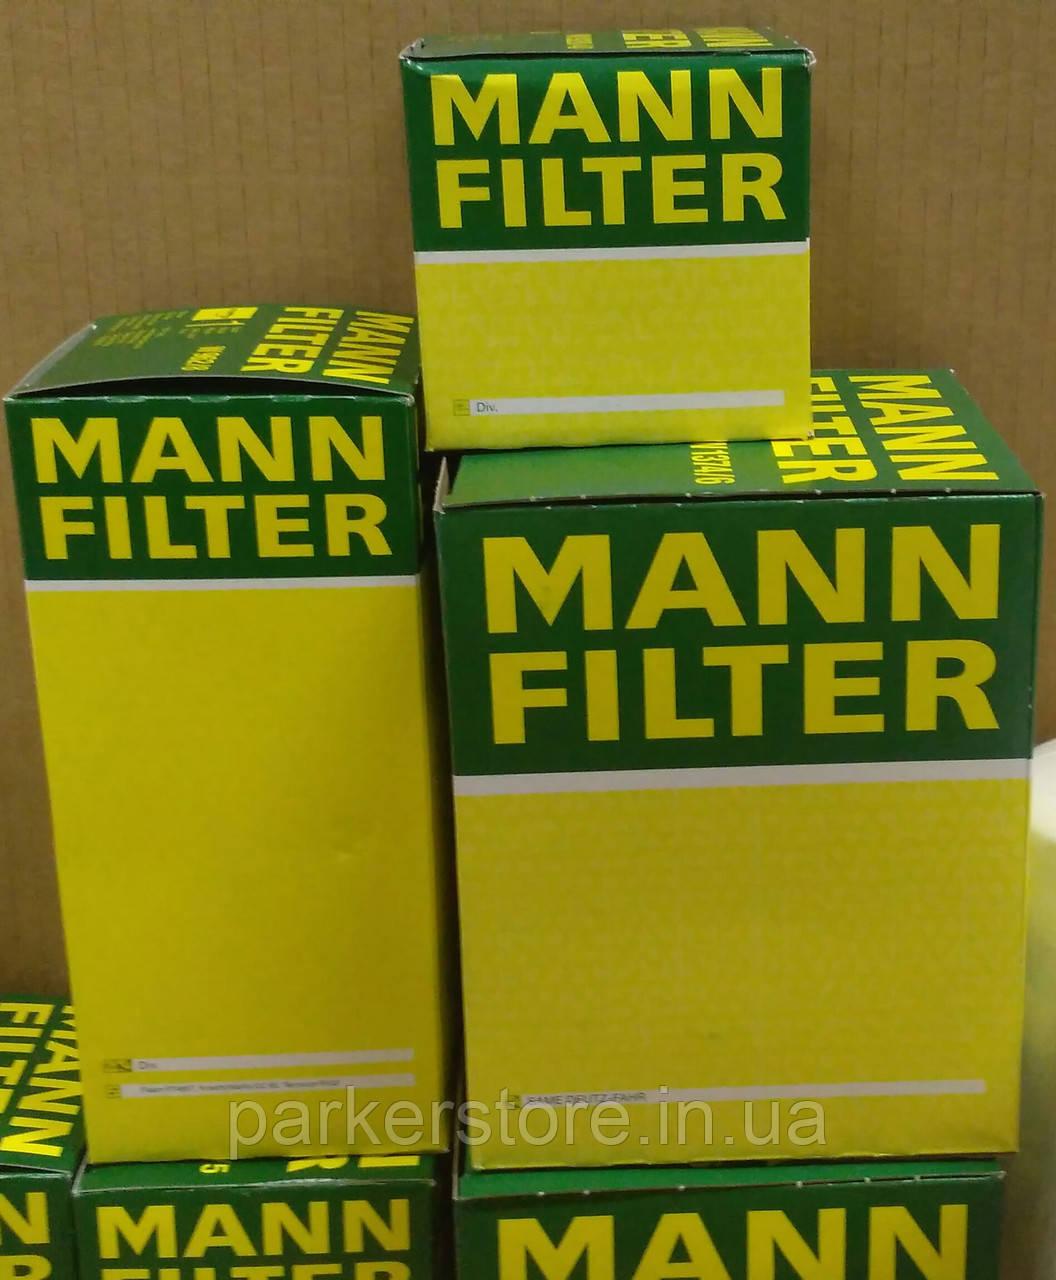 MANN FILTER / Воздушный фильтр / C 29 144 / C29144